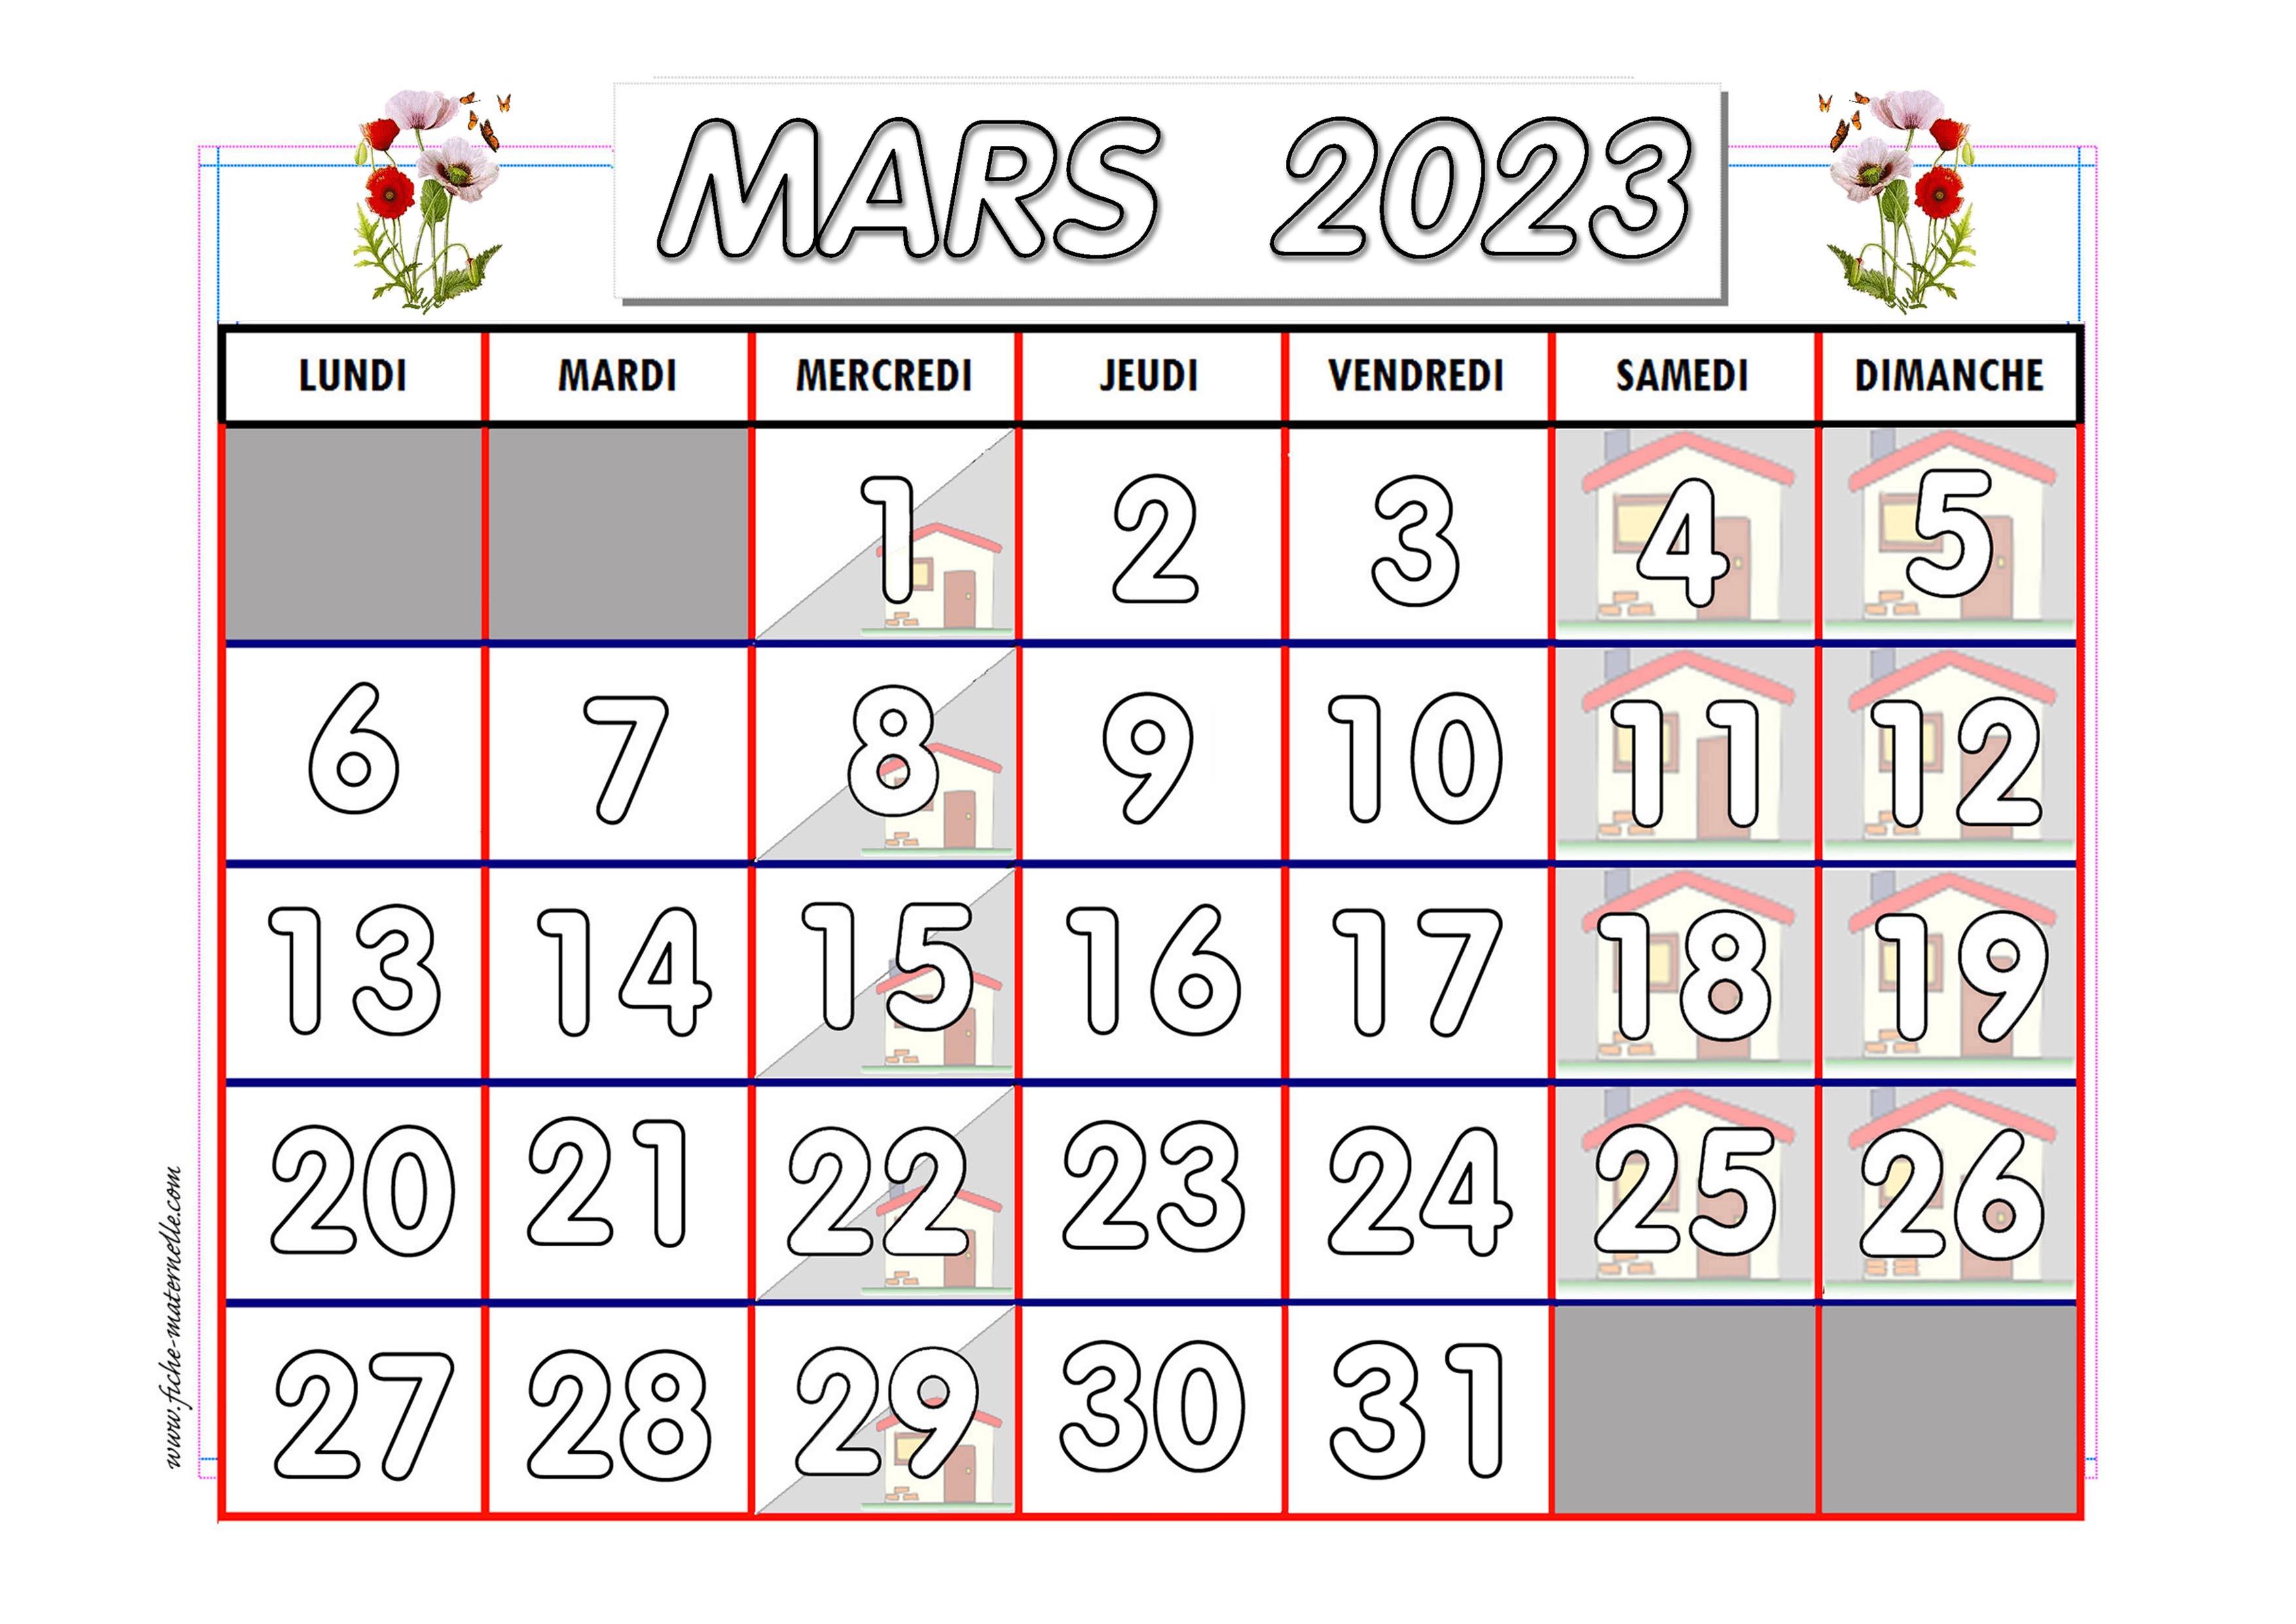 Calendrier Mars 2021 Maternelle Calendrier adapté aux maternelles et préscolaires 2020 2021